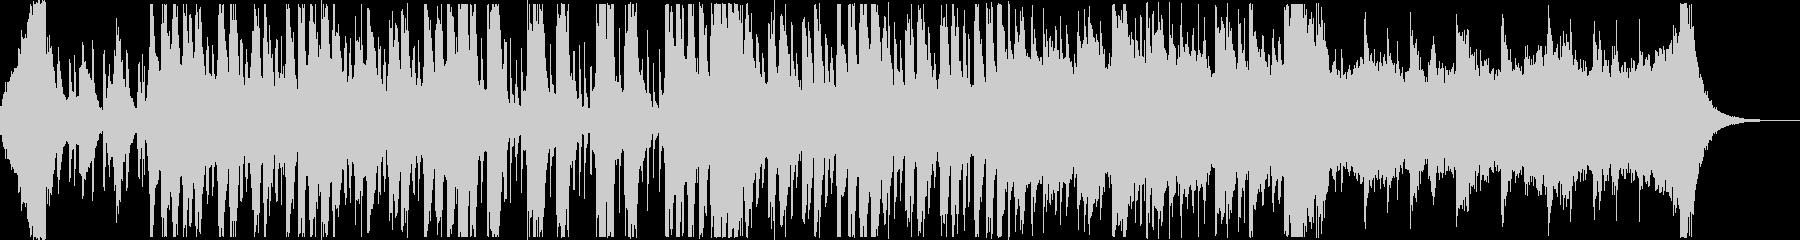 不気味で怪しい3拍子ホラーハロウィン曲の未再生の波形